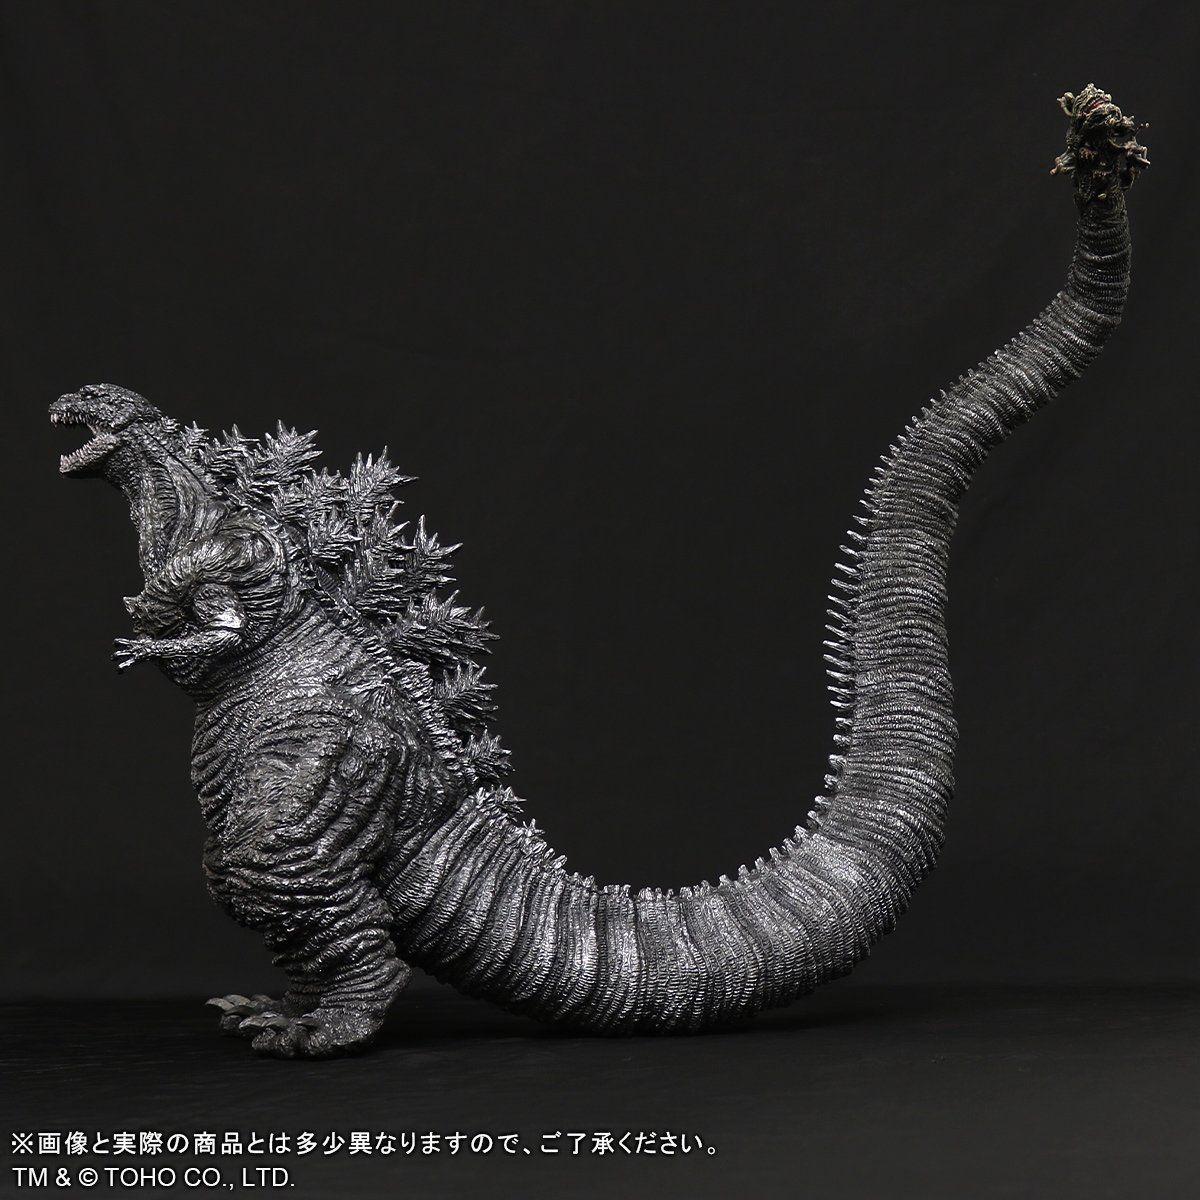 東宝大怪獣シリーズ『ゴジラ(2016)凍結Ver.』シン・ゴジラ 完成品フィギュア-005